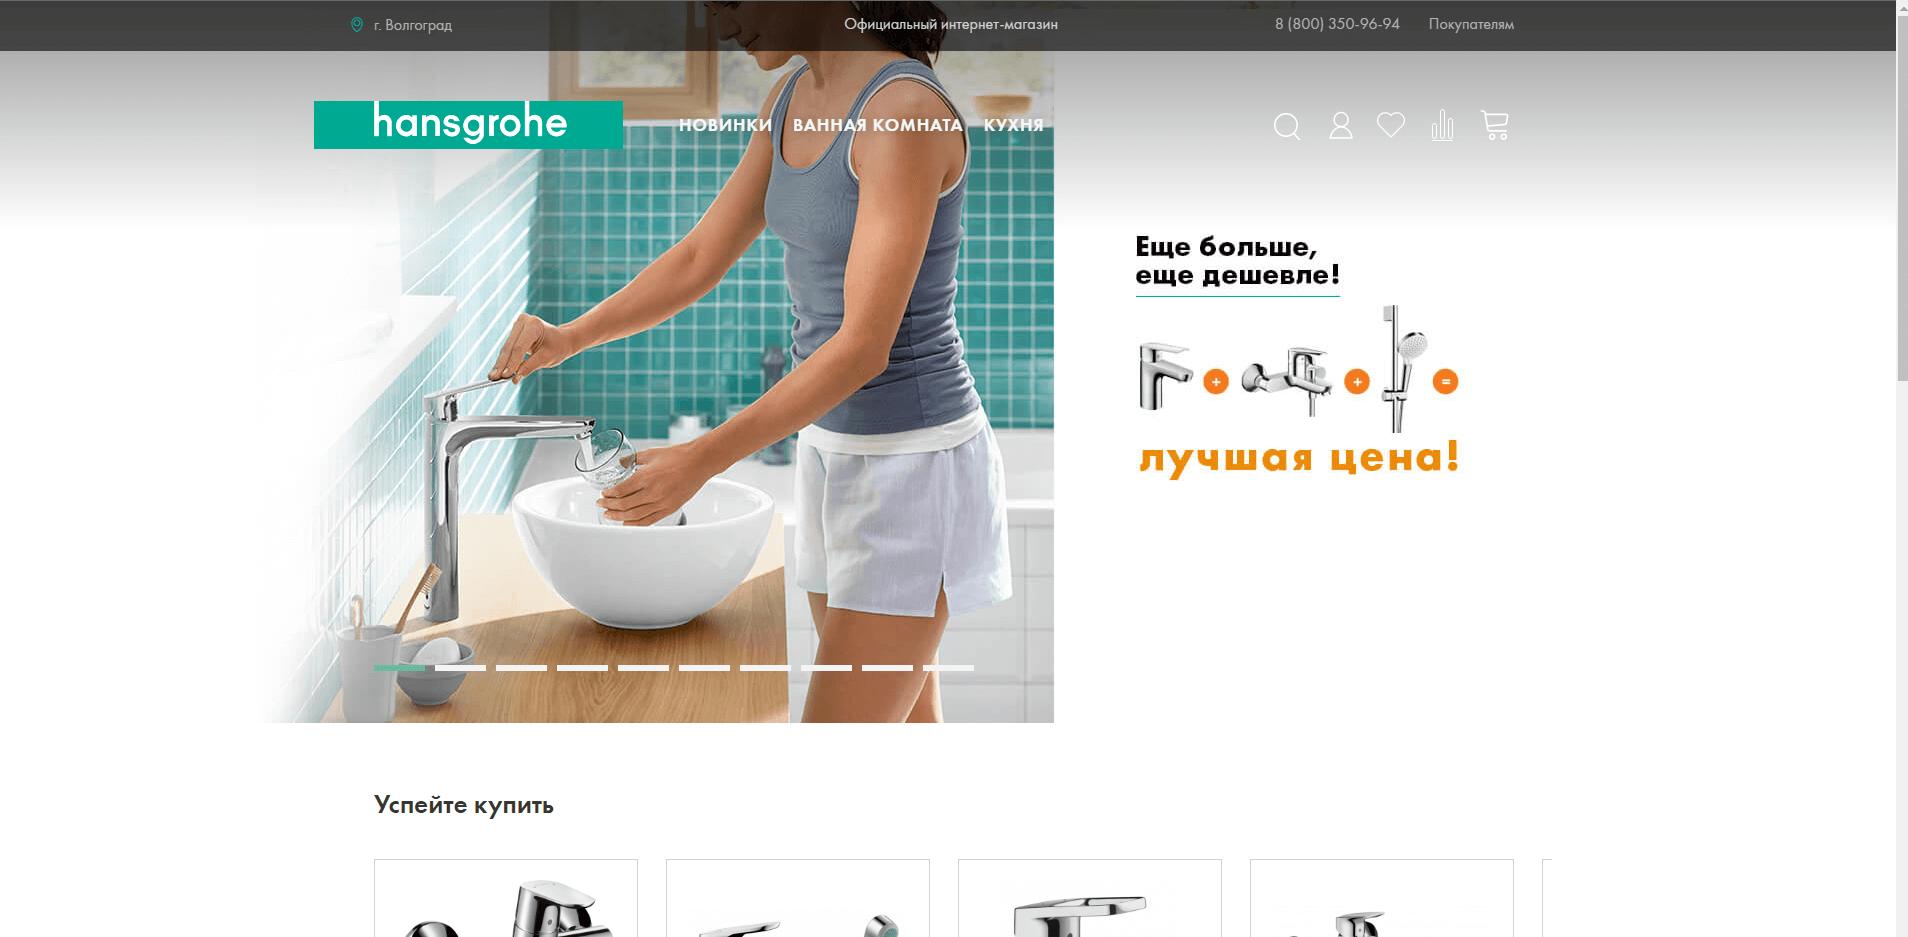 shop.hansgrohe.ru website